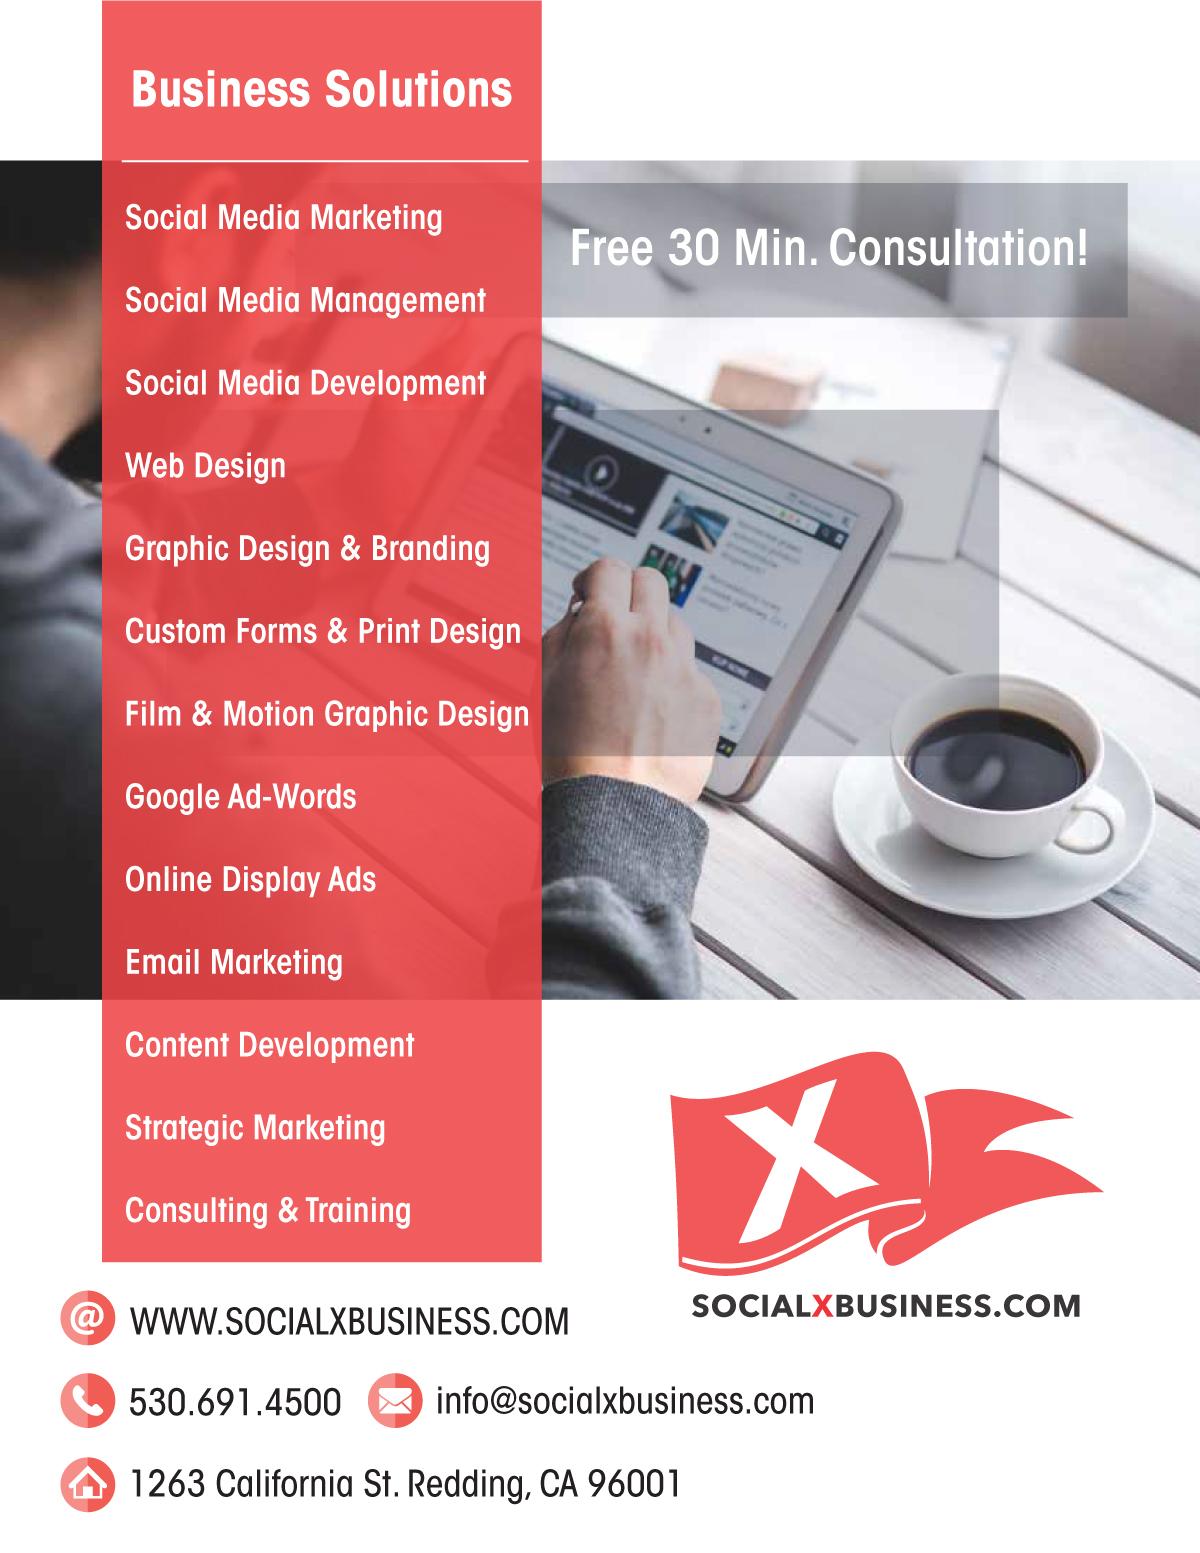 SocialxBusiness Digital Social Media Marketing Services.jpg